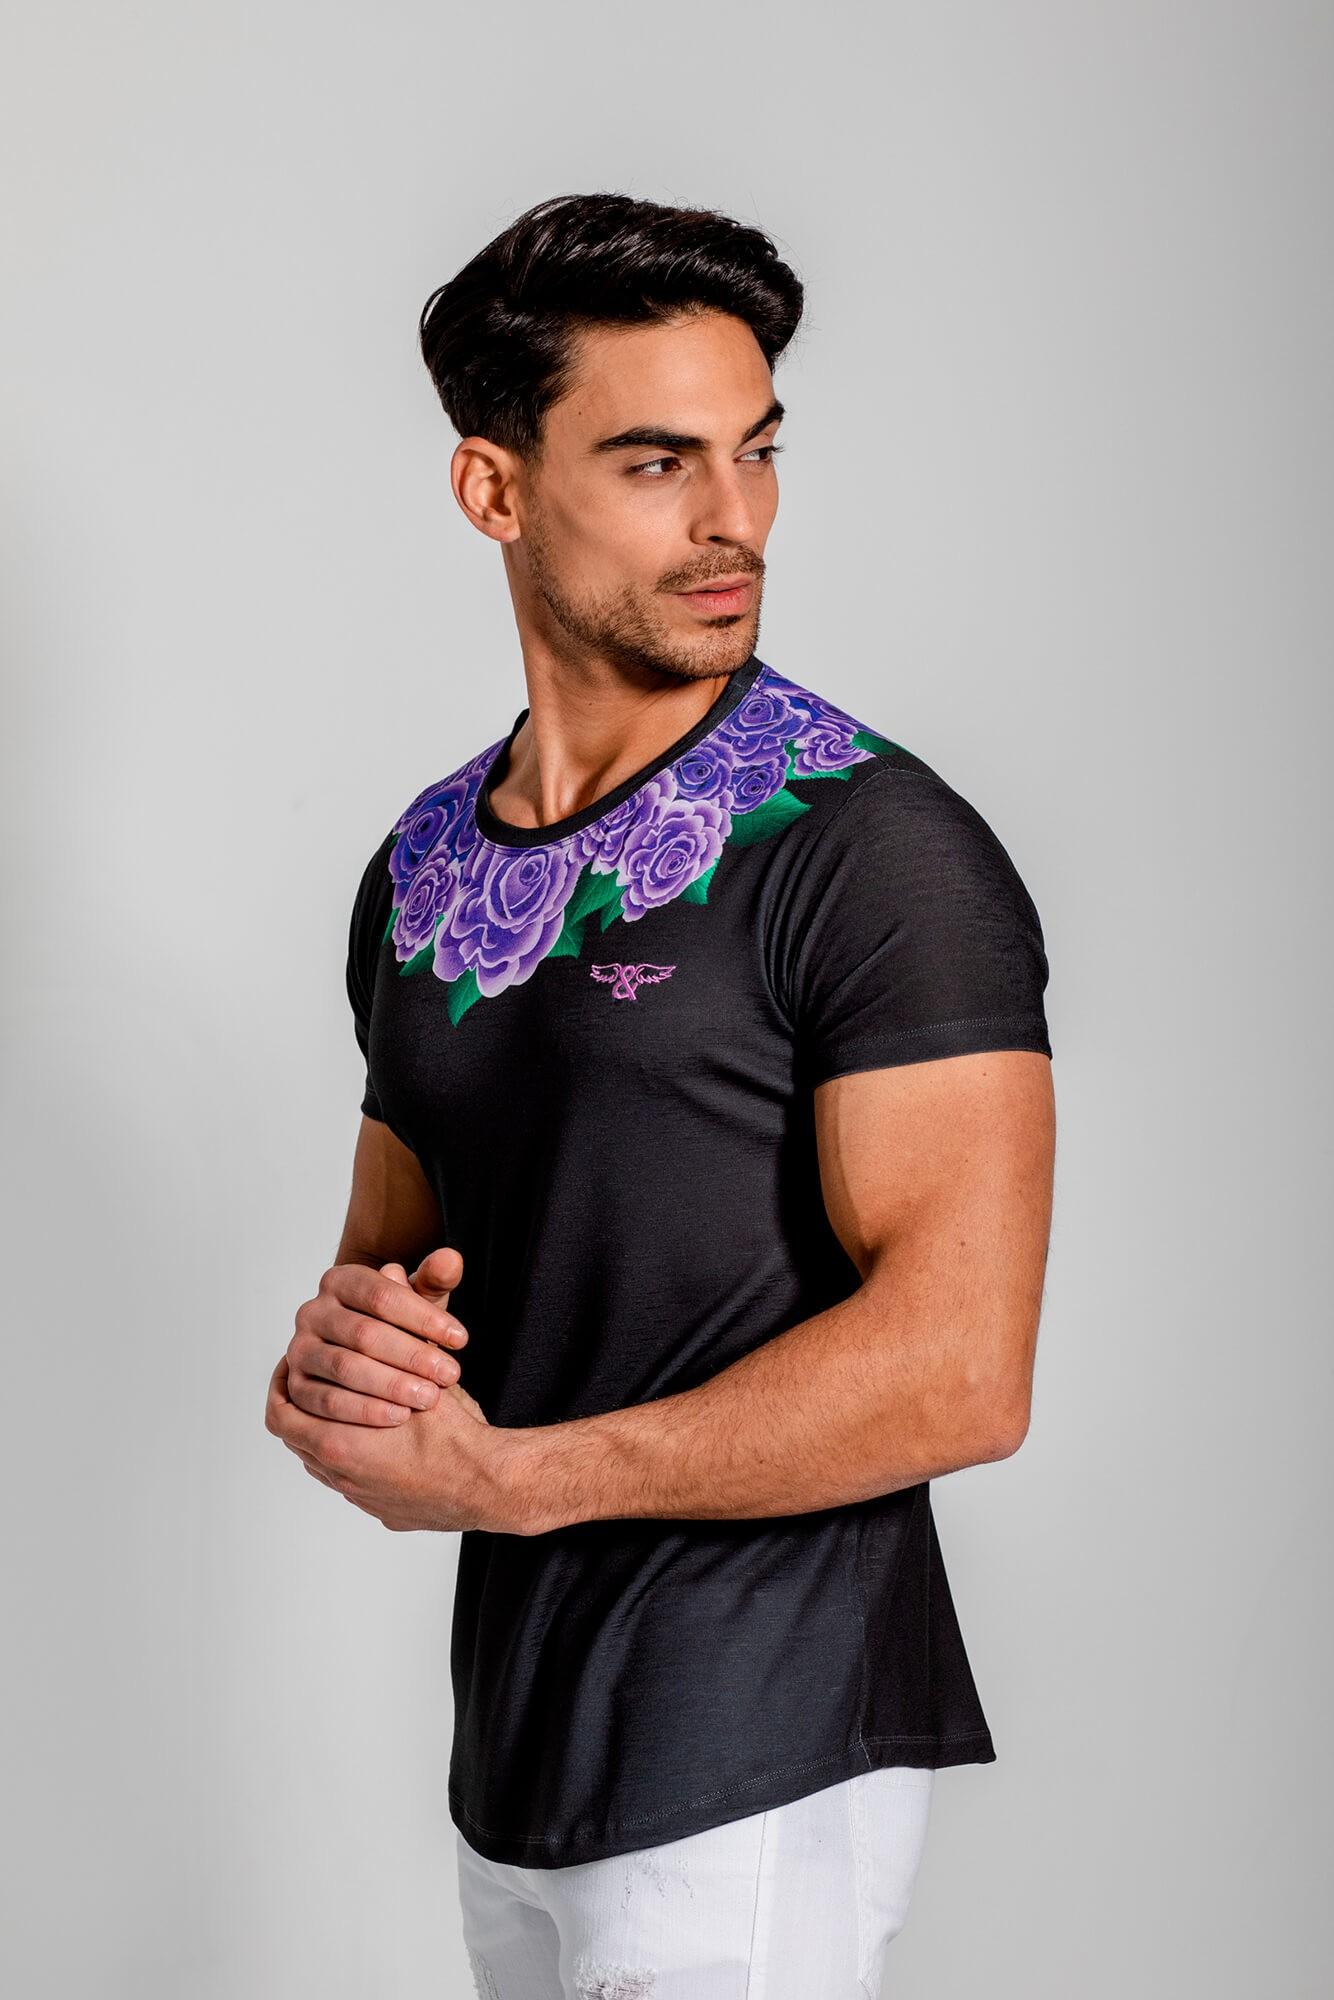 Camiseta cuello estampado de rosas y cuello redondo. Estilo urbano de la marca ELIU streetwear.